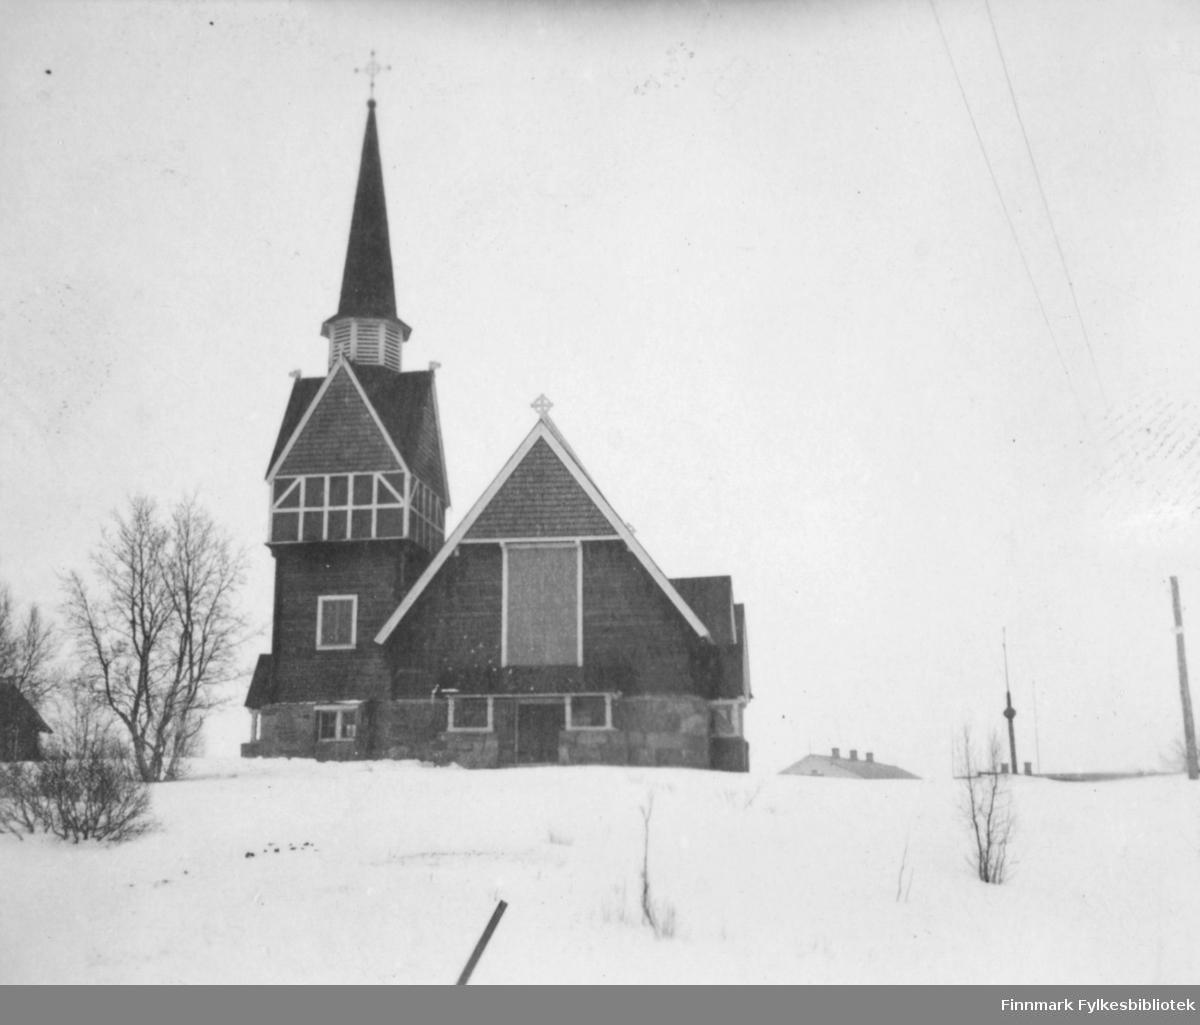 Karesuando kirke fotografert på vinter i Karesuando, Sverige ( bildet kan også vare tatt på finsk side av elvaen?). Bildet er et stereobilde.          .